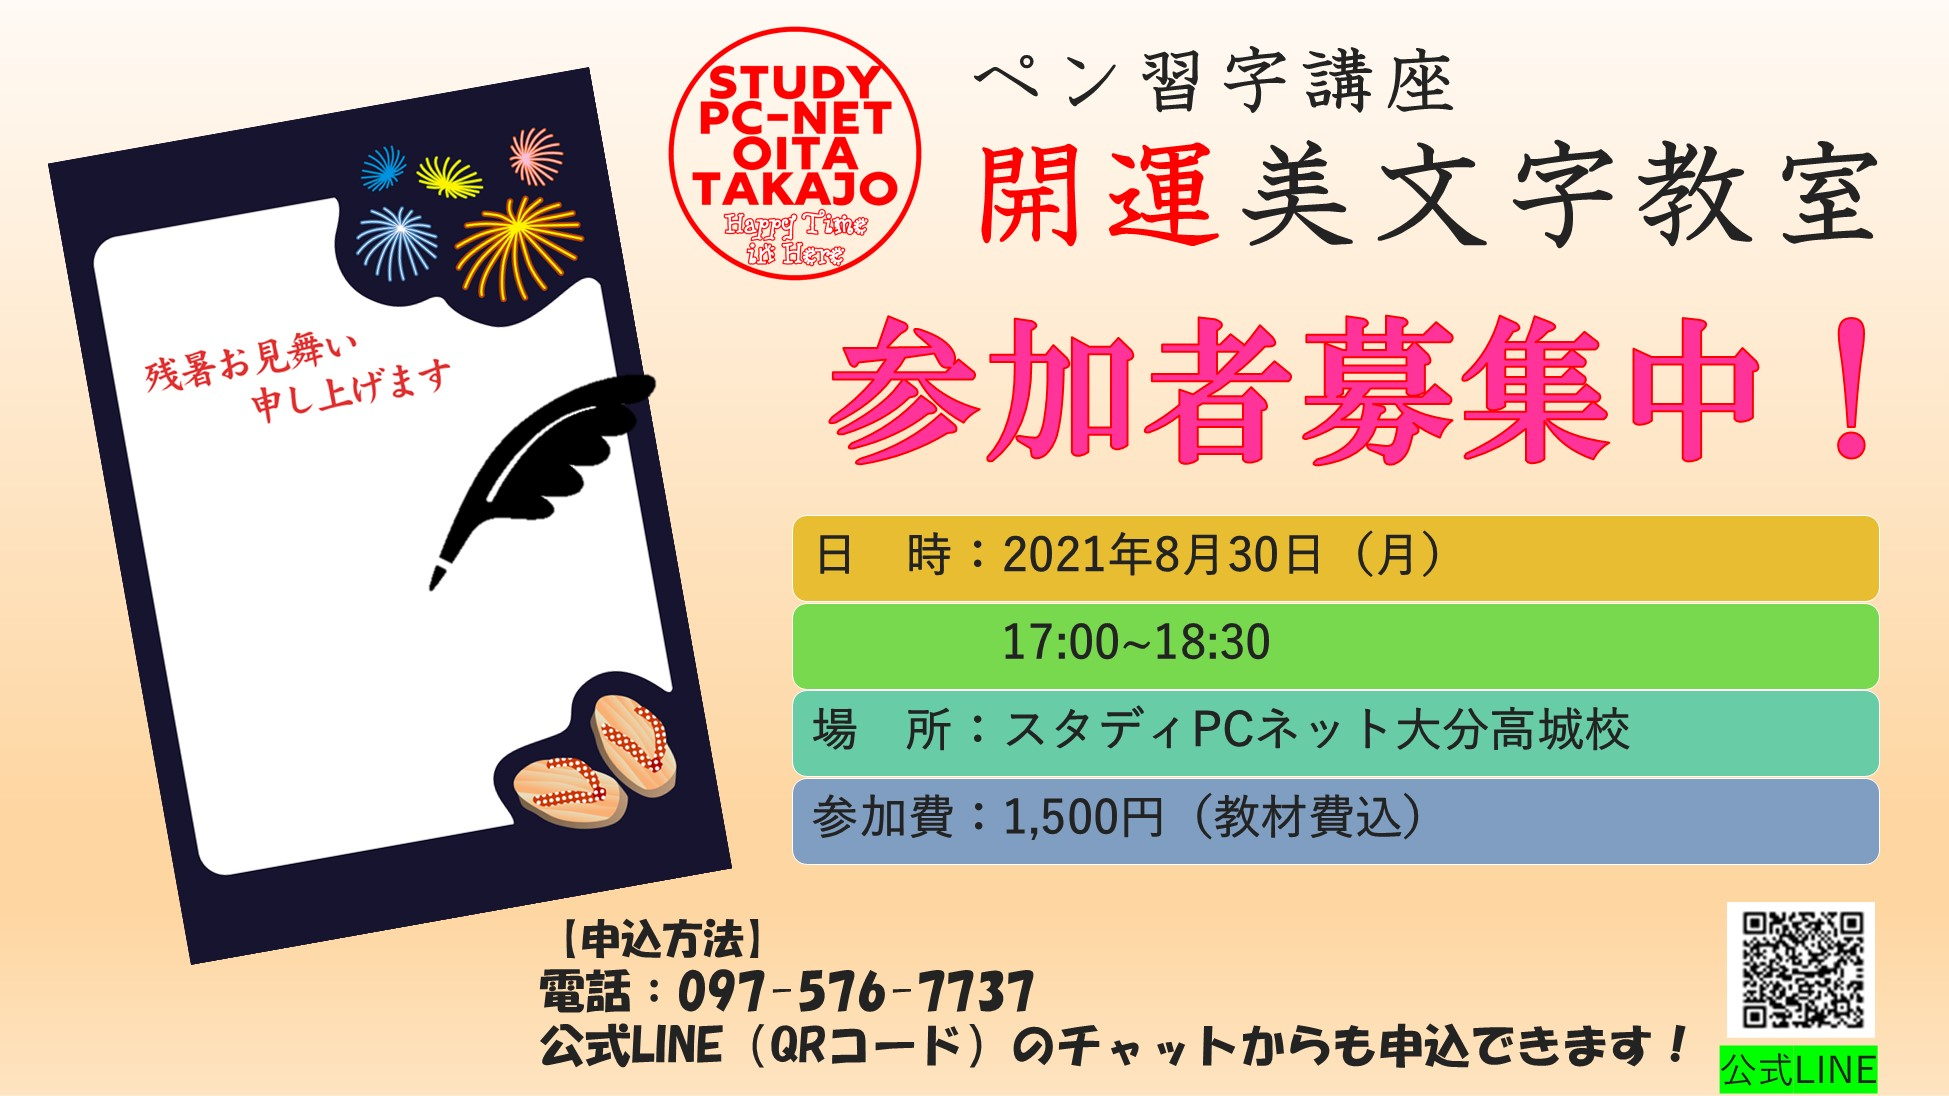 ペン習字教室「開運美文字教室 8月」の開催要項